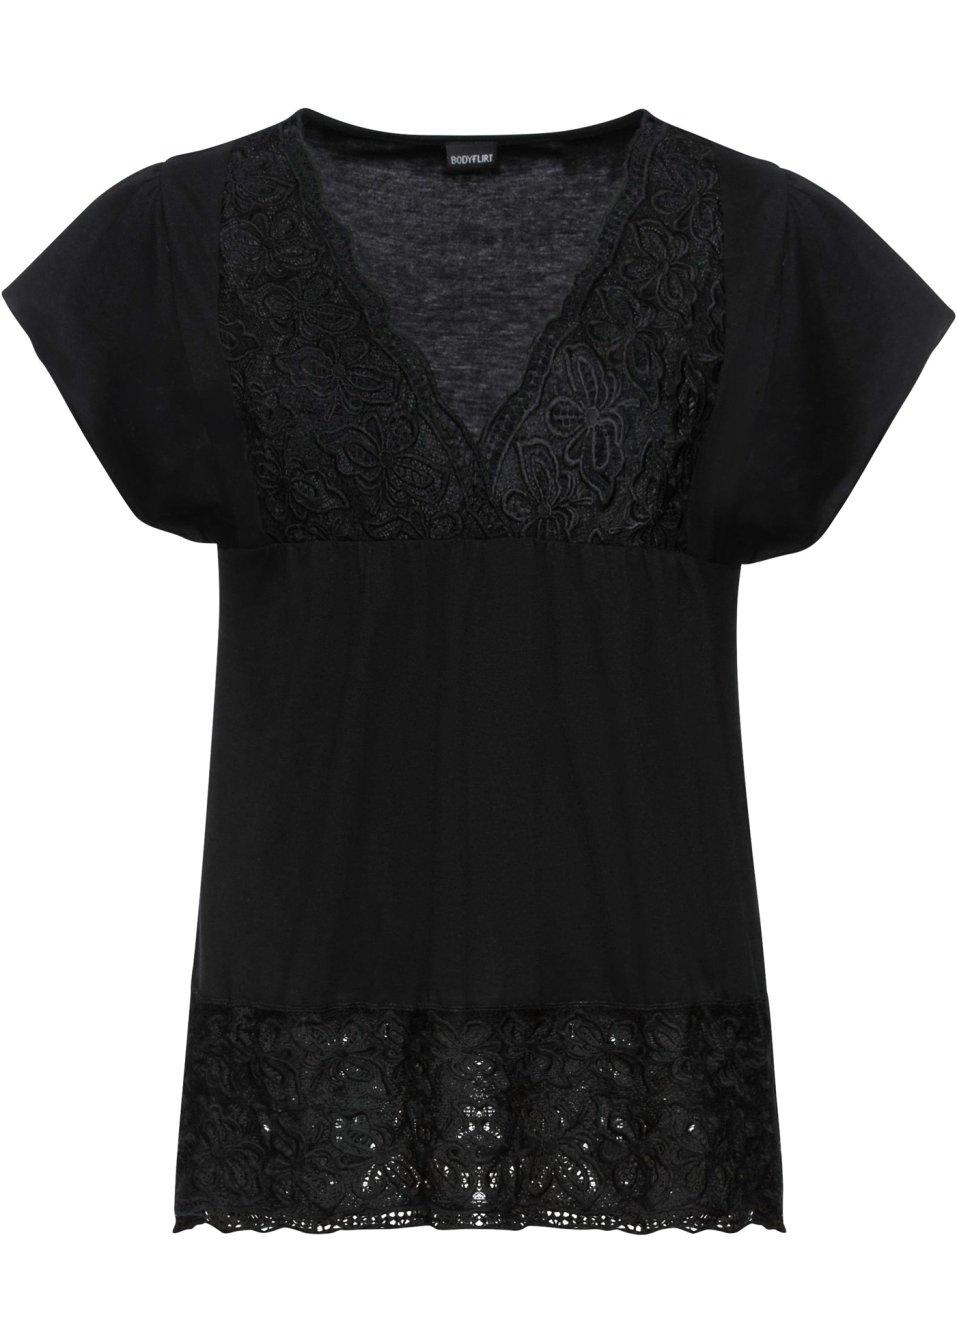 Shirt mit Spitzen-Ausschnitt und Spitze vorne - schwarz 0k2Zf lOntt